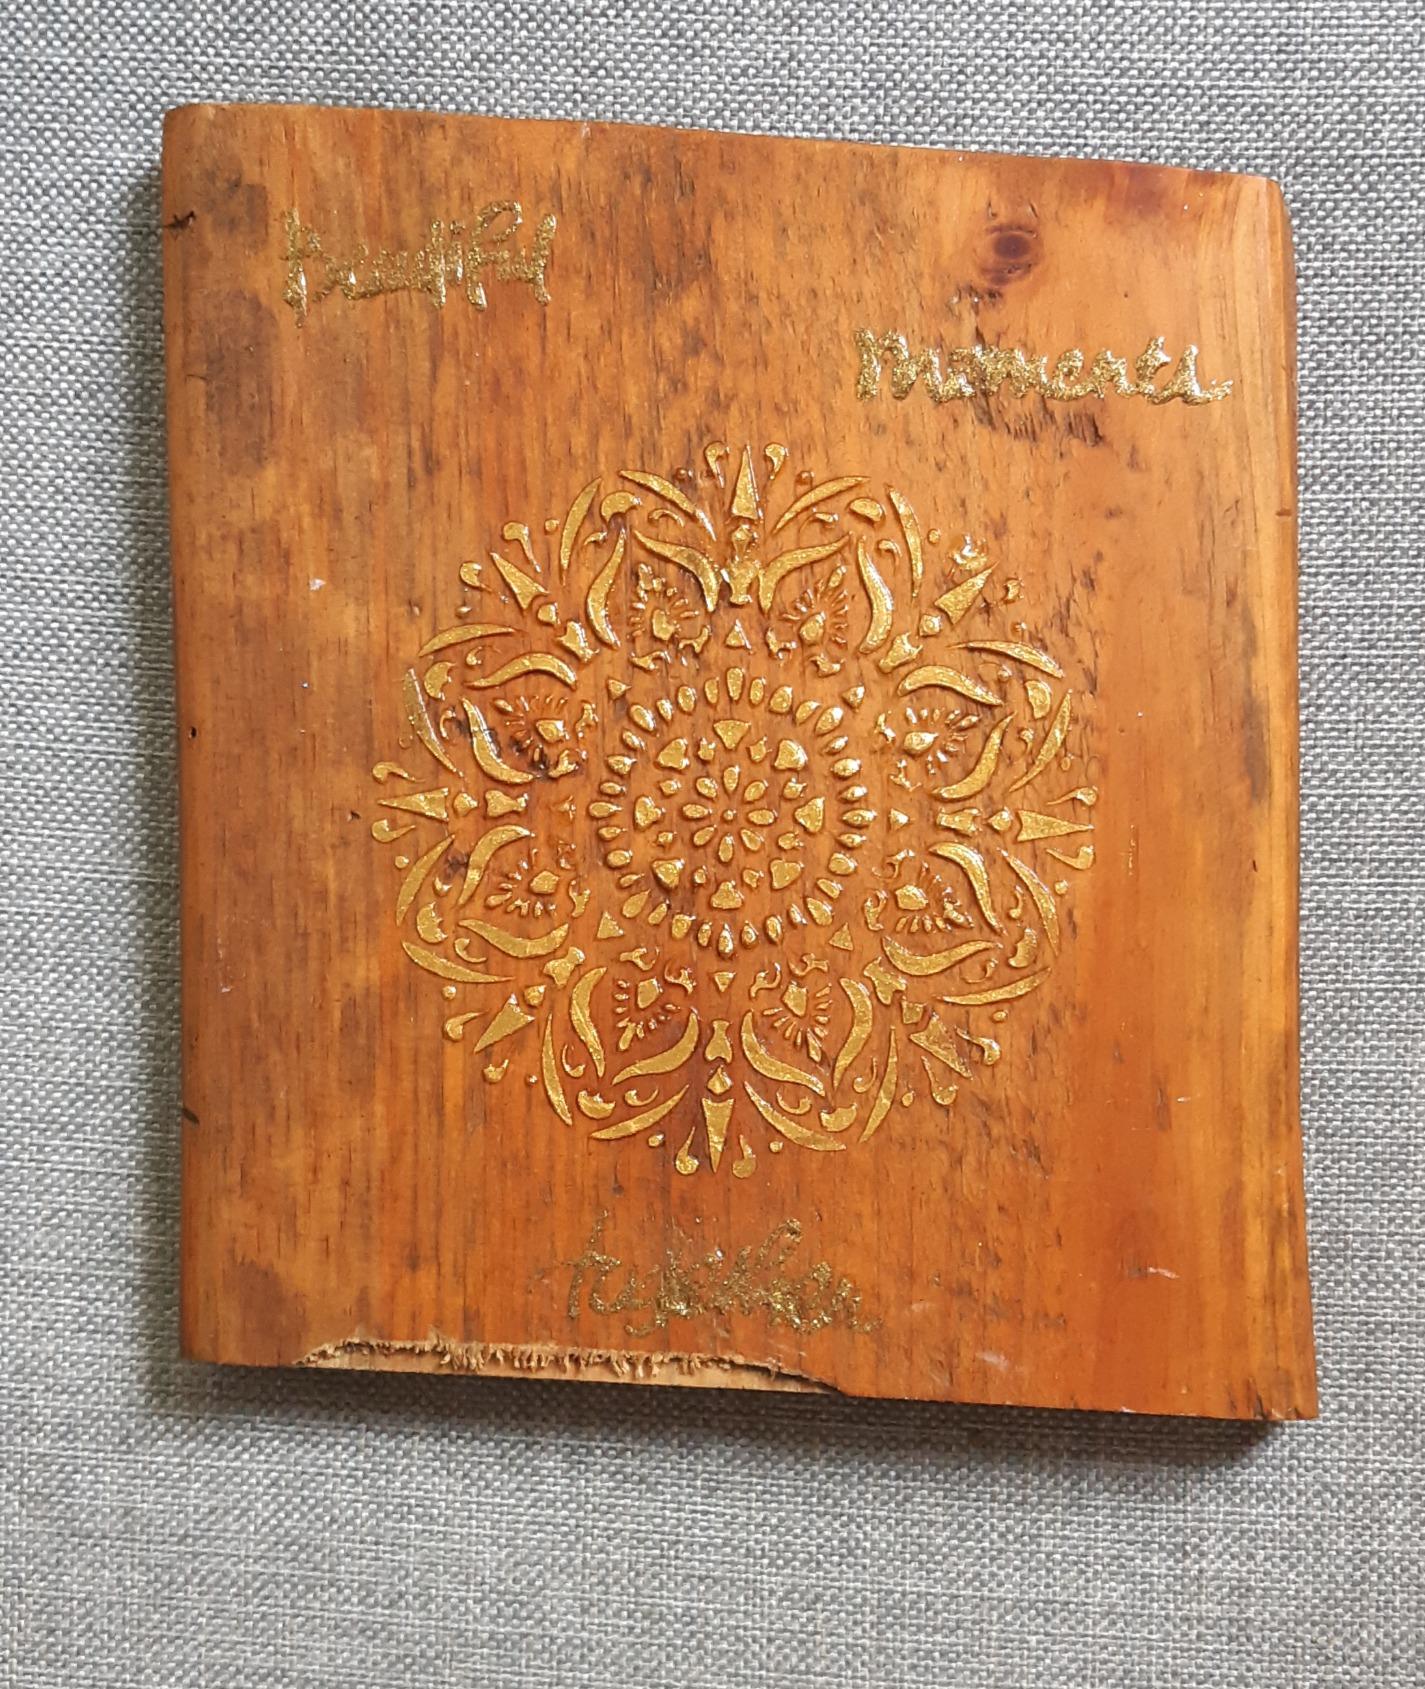 Mandala on wood